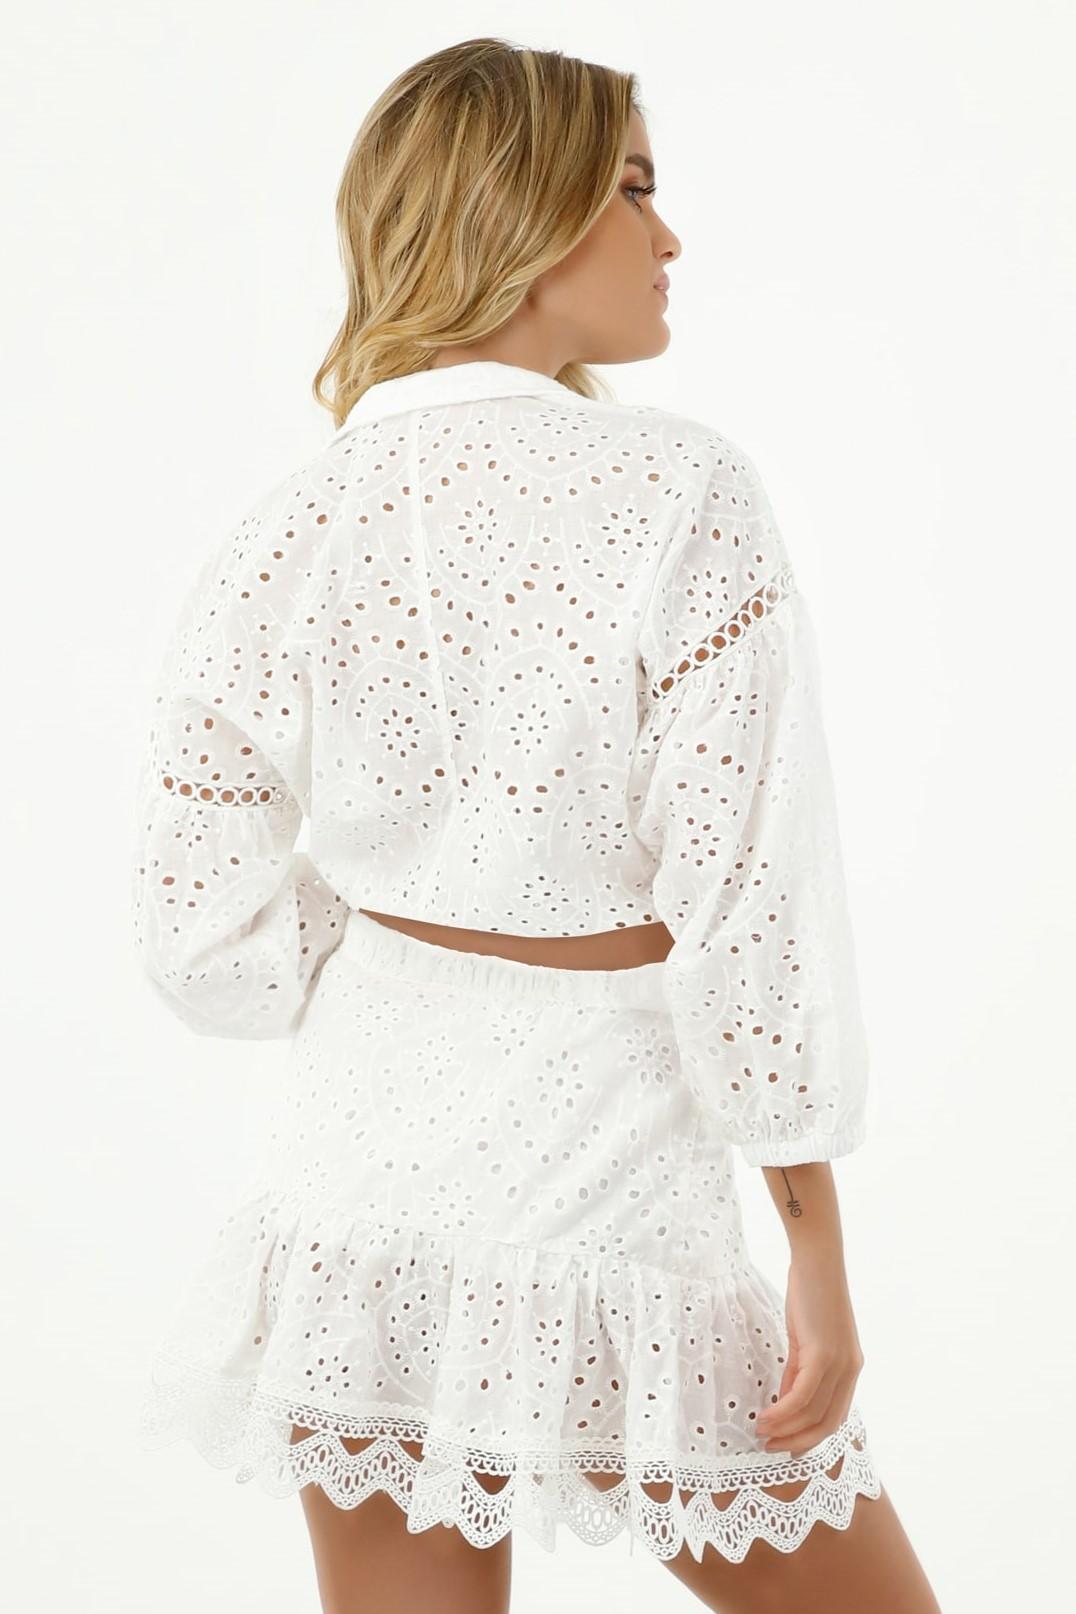 Milonga Picnic Top & Skirt